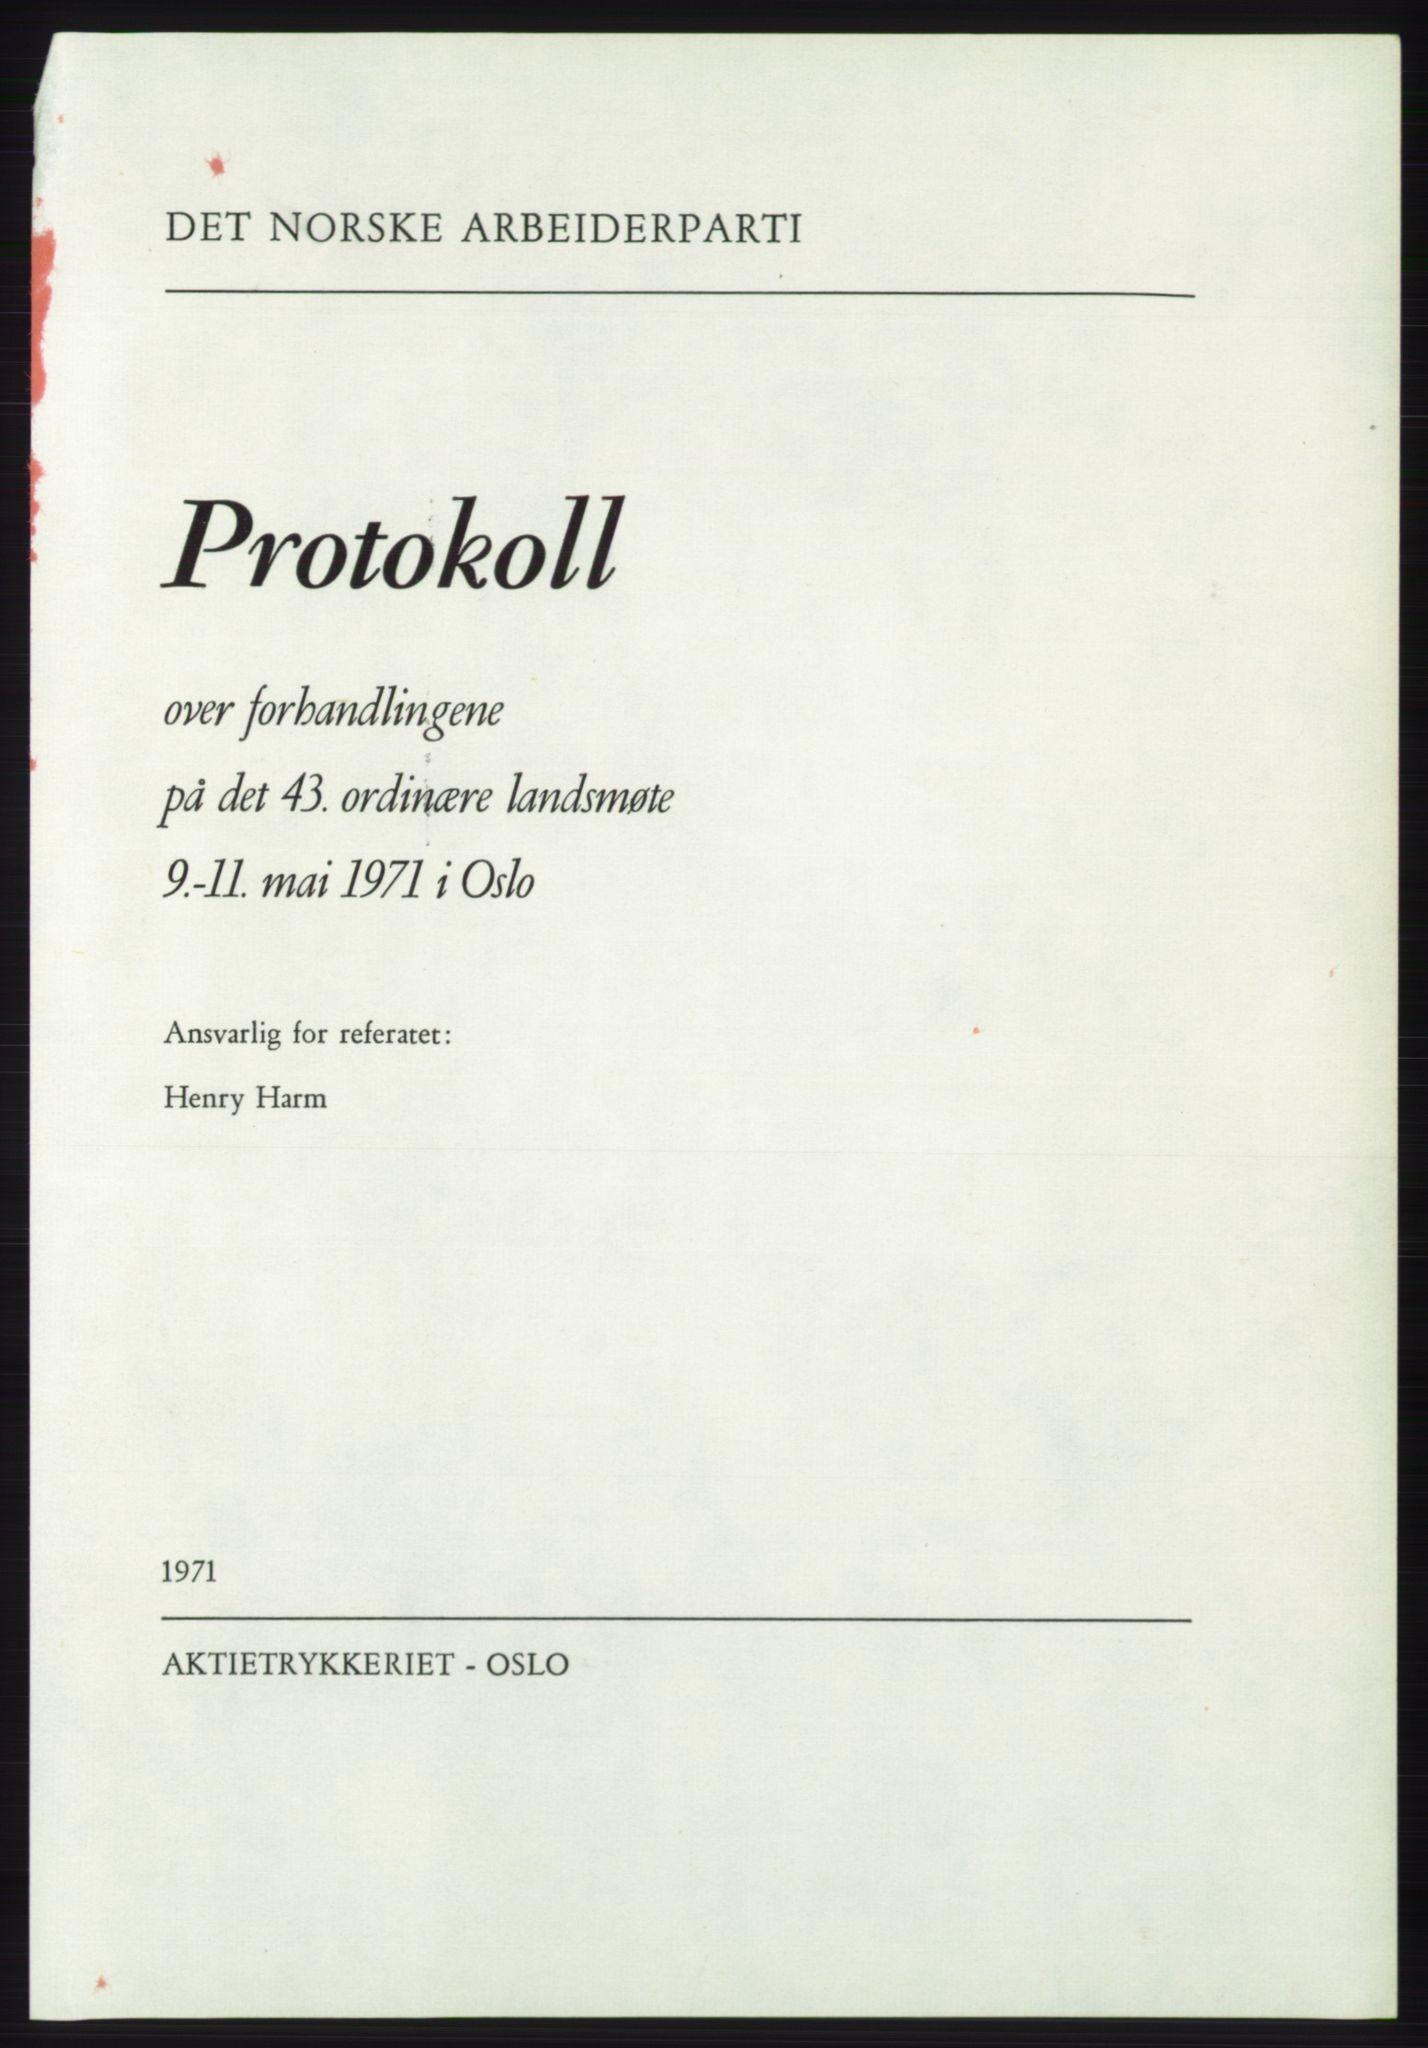 AAB, Det norske Arbeiderparti - publikasjoner, -/-: Protokoll over forhandlingene på det 43. ordinære landsmøte 9.-11. mai 1971 i Oslo, 1971